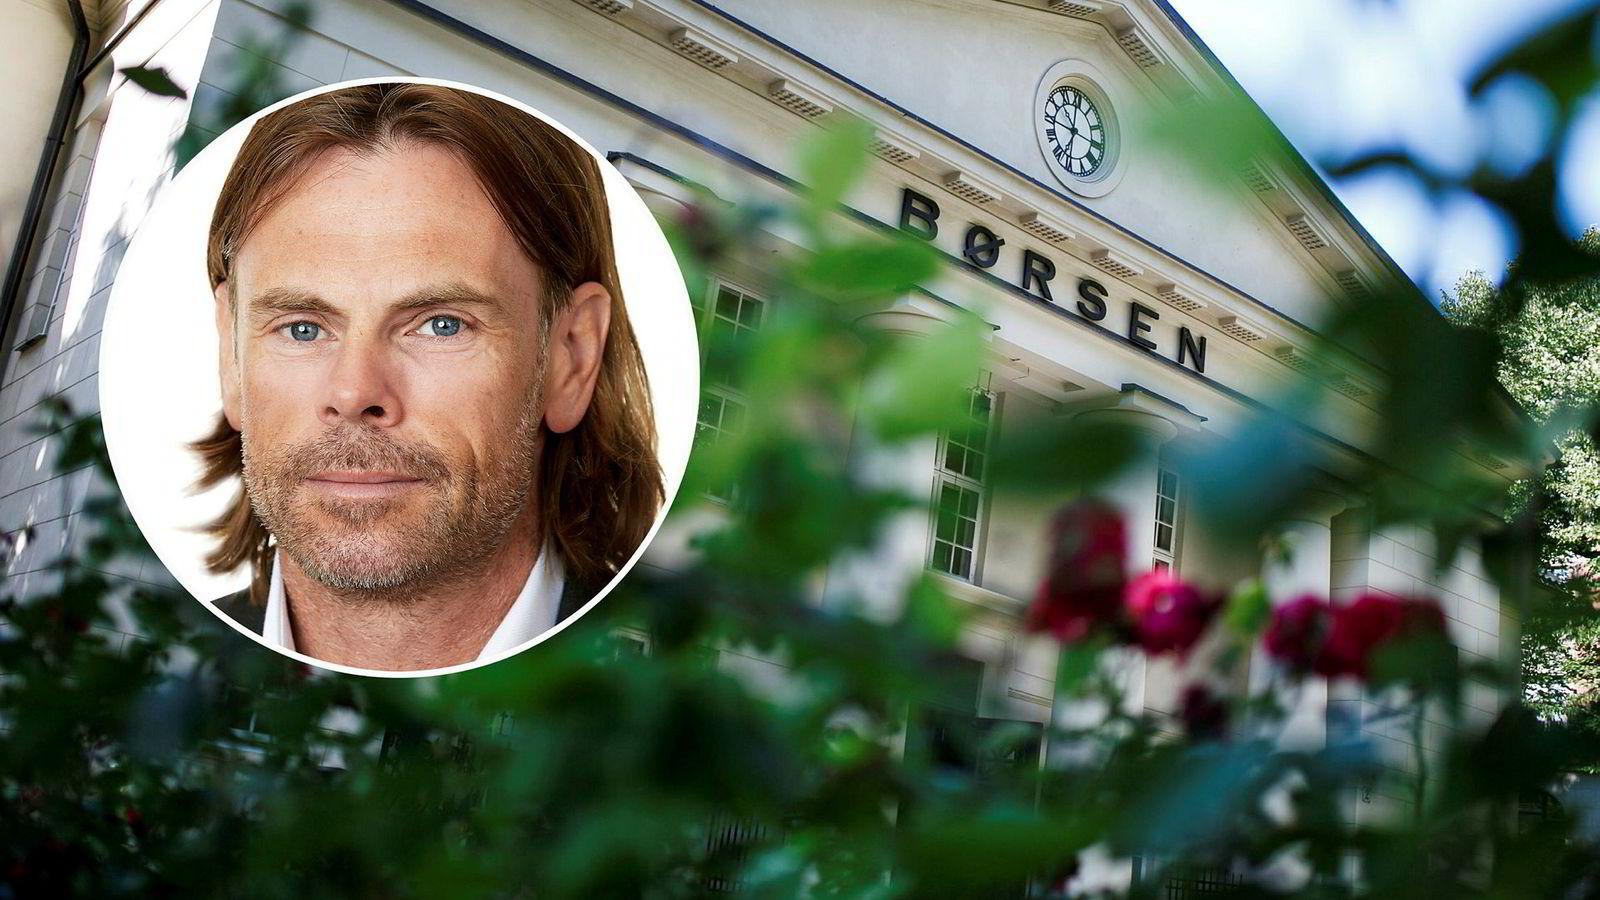 – Vi klarer oss godt alene, men er også positive til industrielle alternativer i en bransje som konsolideres raskt, sier visekonsernsjef Rune Syvertsen (innfelt) i børsnoterte Crayon Group.